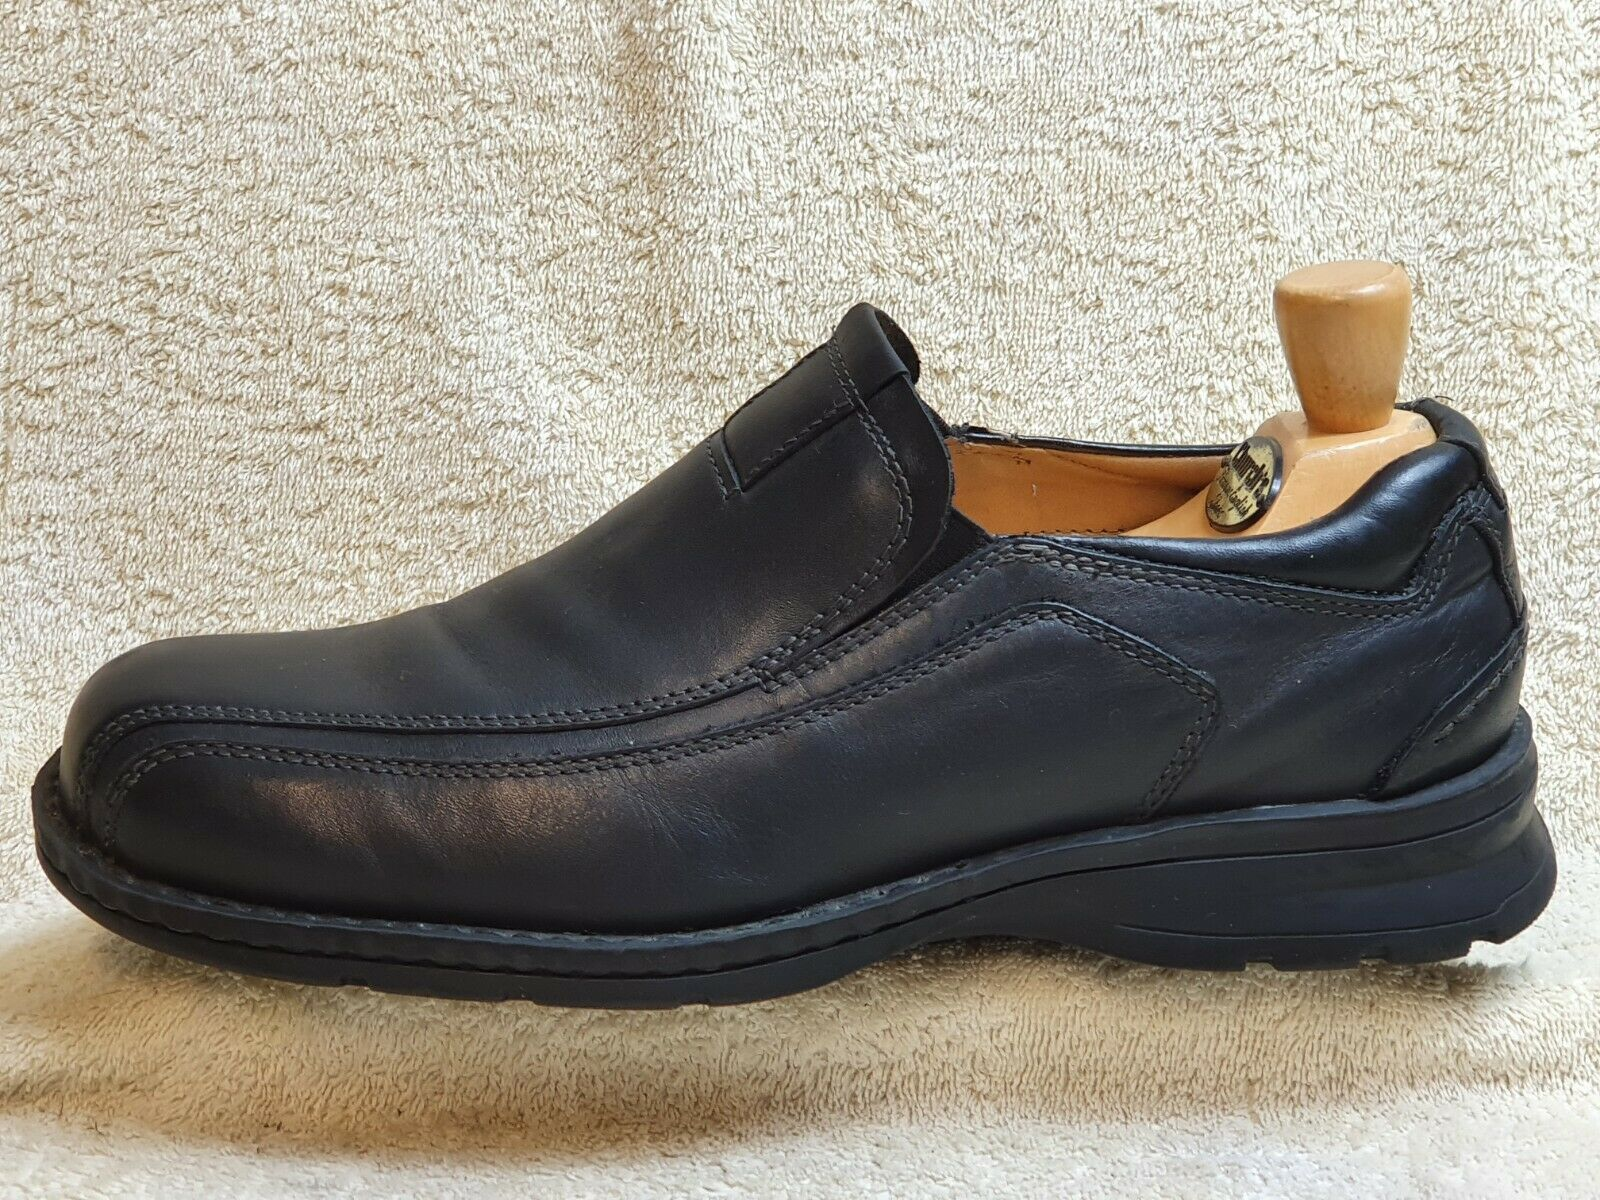 Dockers mens Comfort Loafer Leather Black UK 8.5 EUR 42.5 US 9